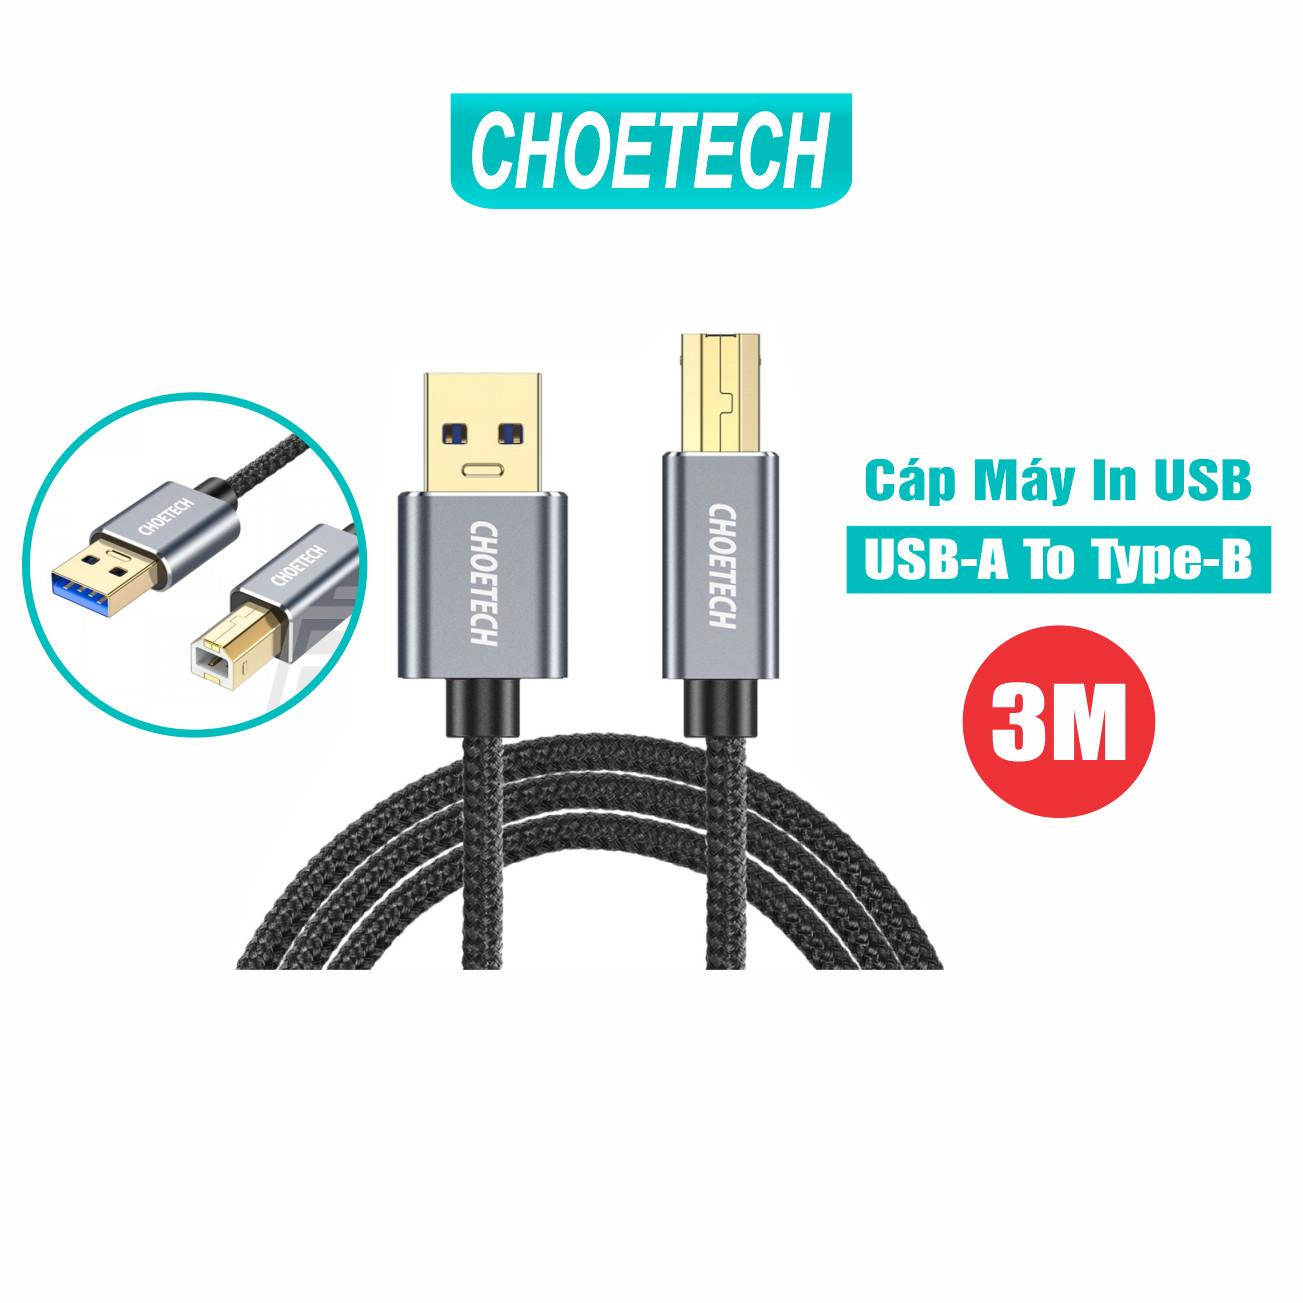 Dây Cáp Máy In USB 2.0 Từ USB-A To Type-B Dài 3M CHOETECH AB0011 - Hàng Chính Hãng